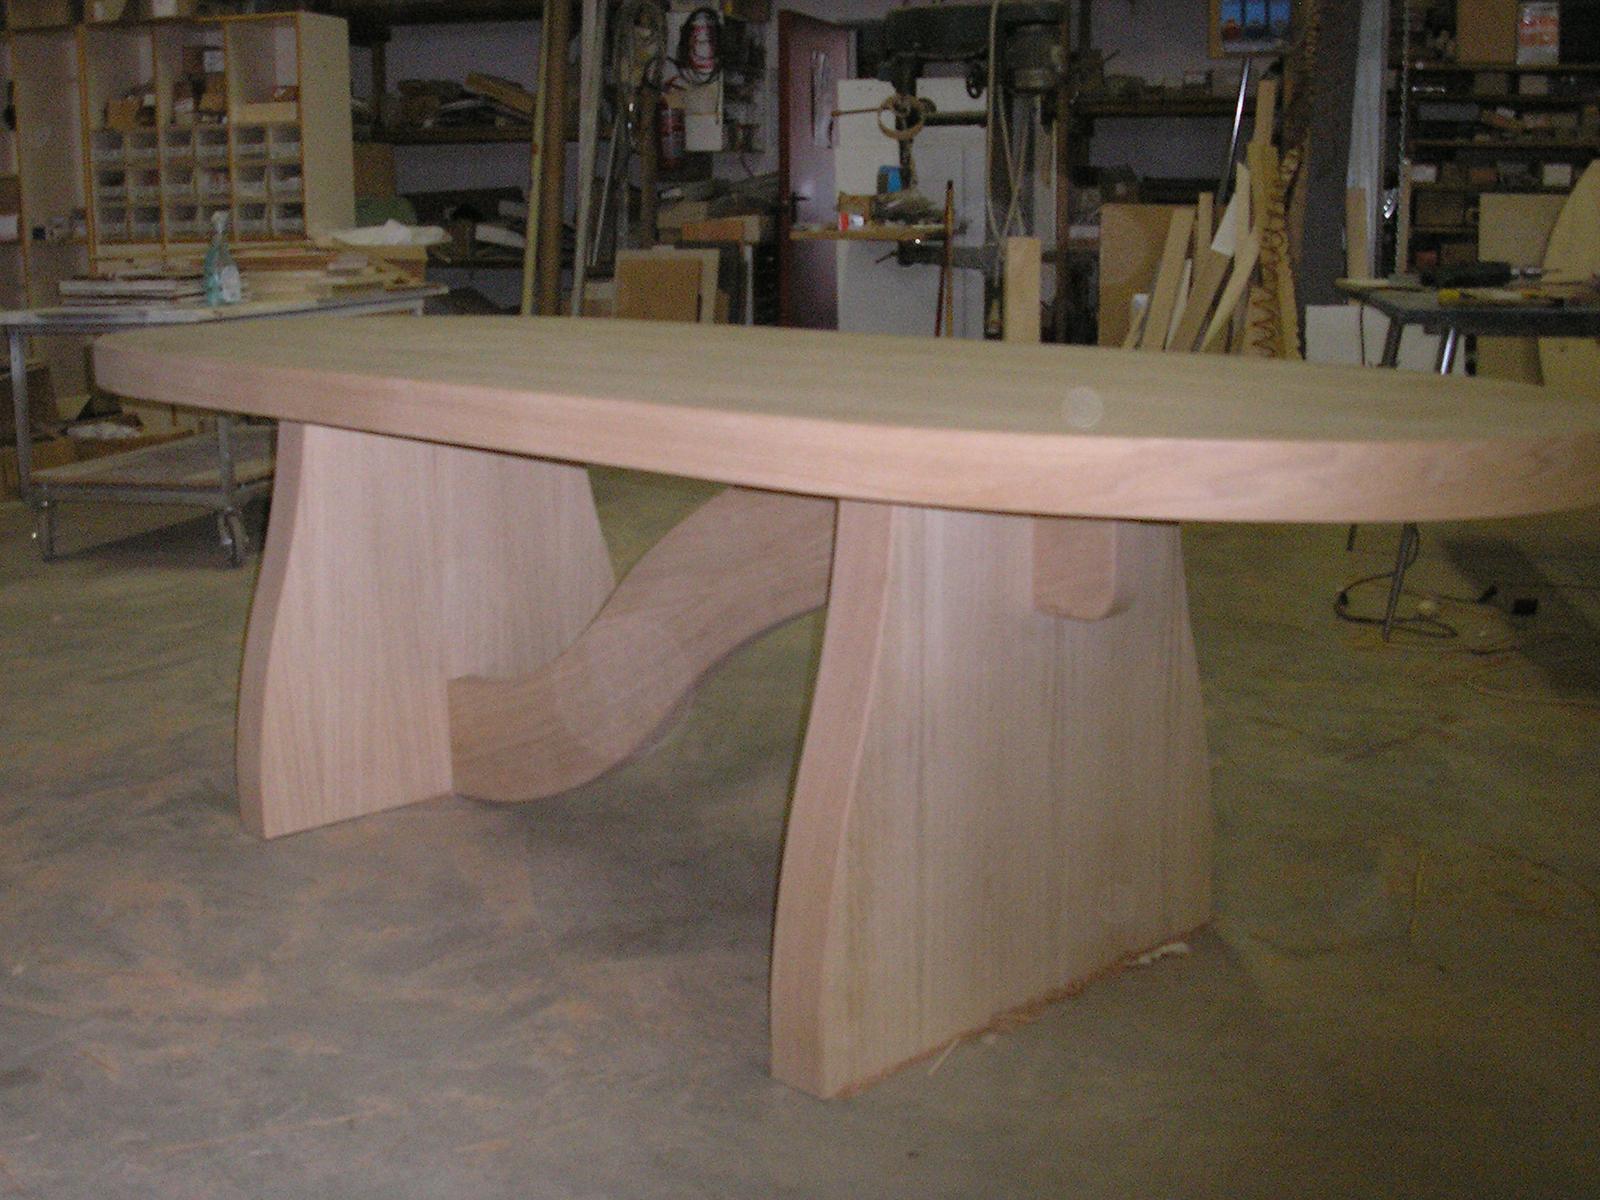 Arredi su misura Forlì Cesena, tavolo avale in legno –Farolfi Arredamenti